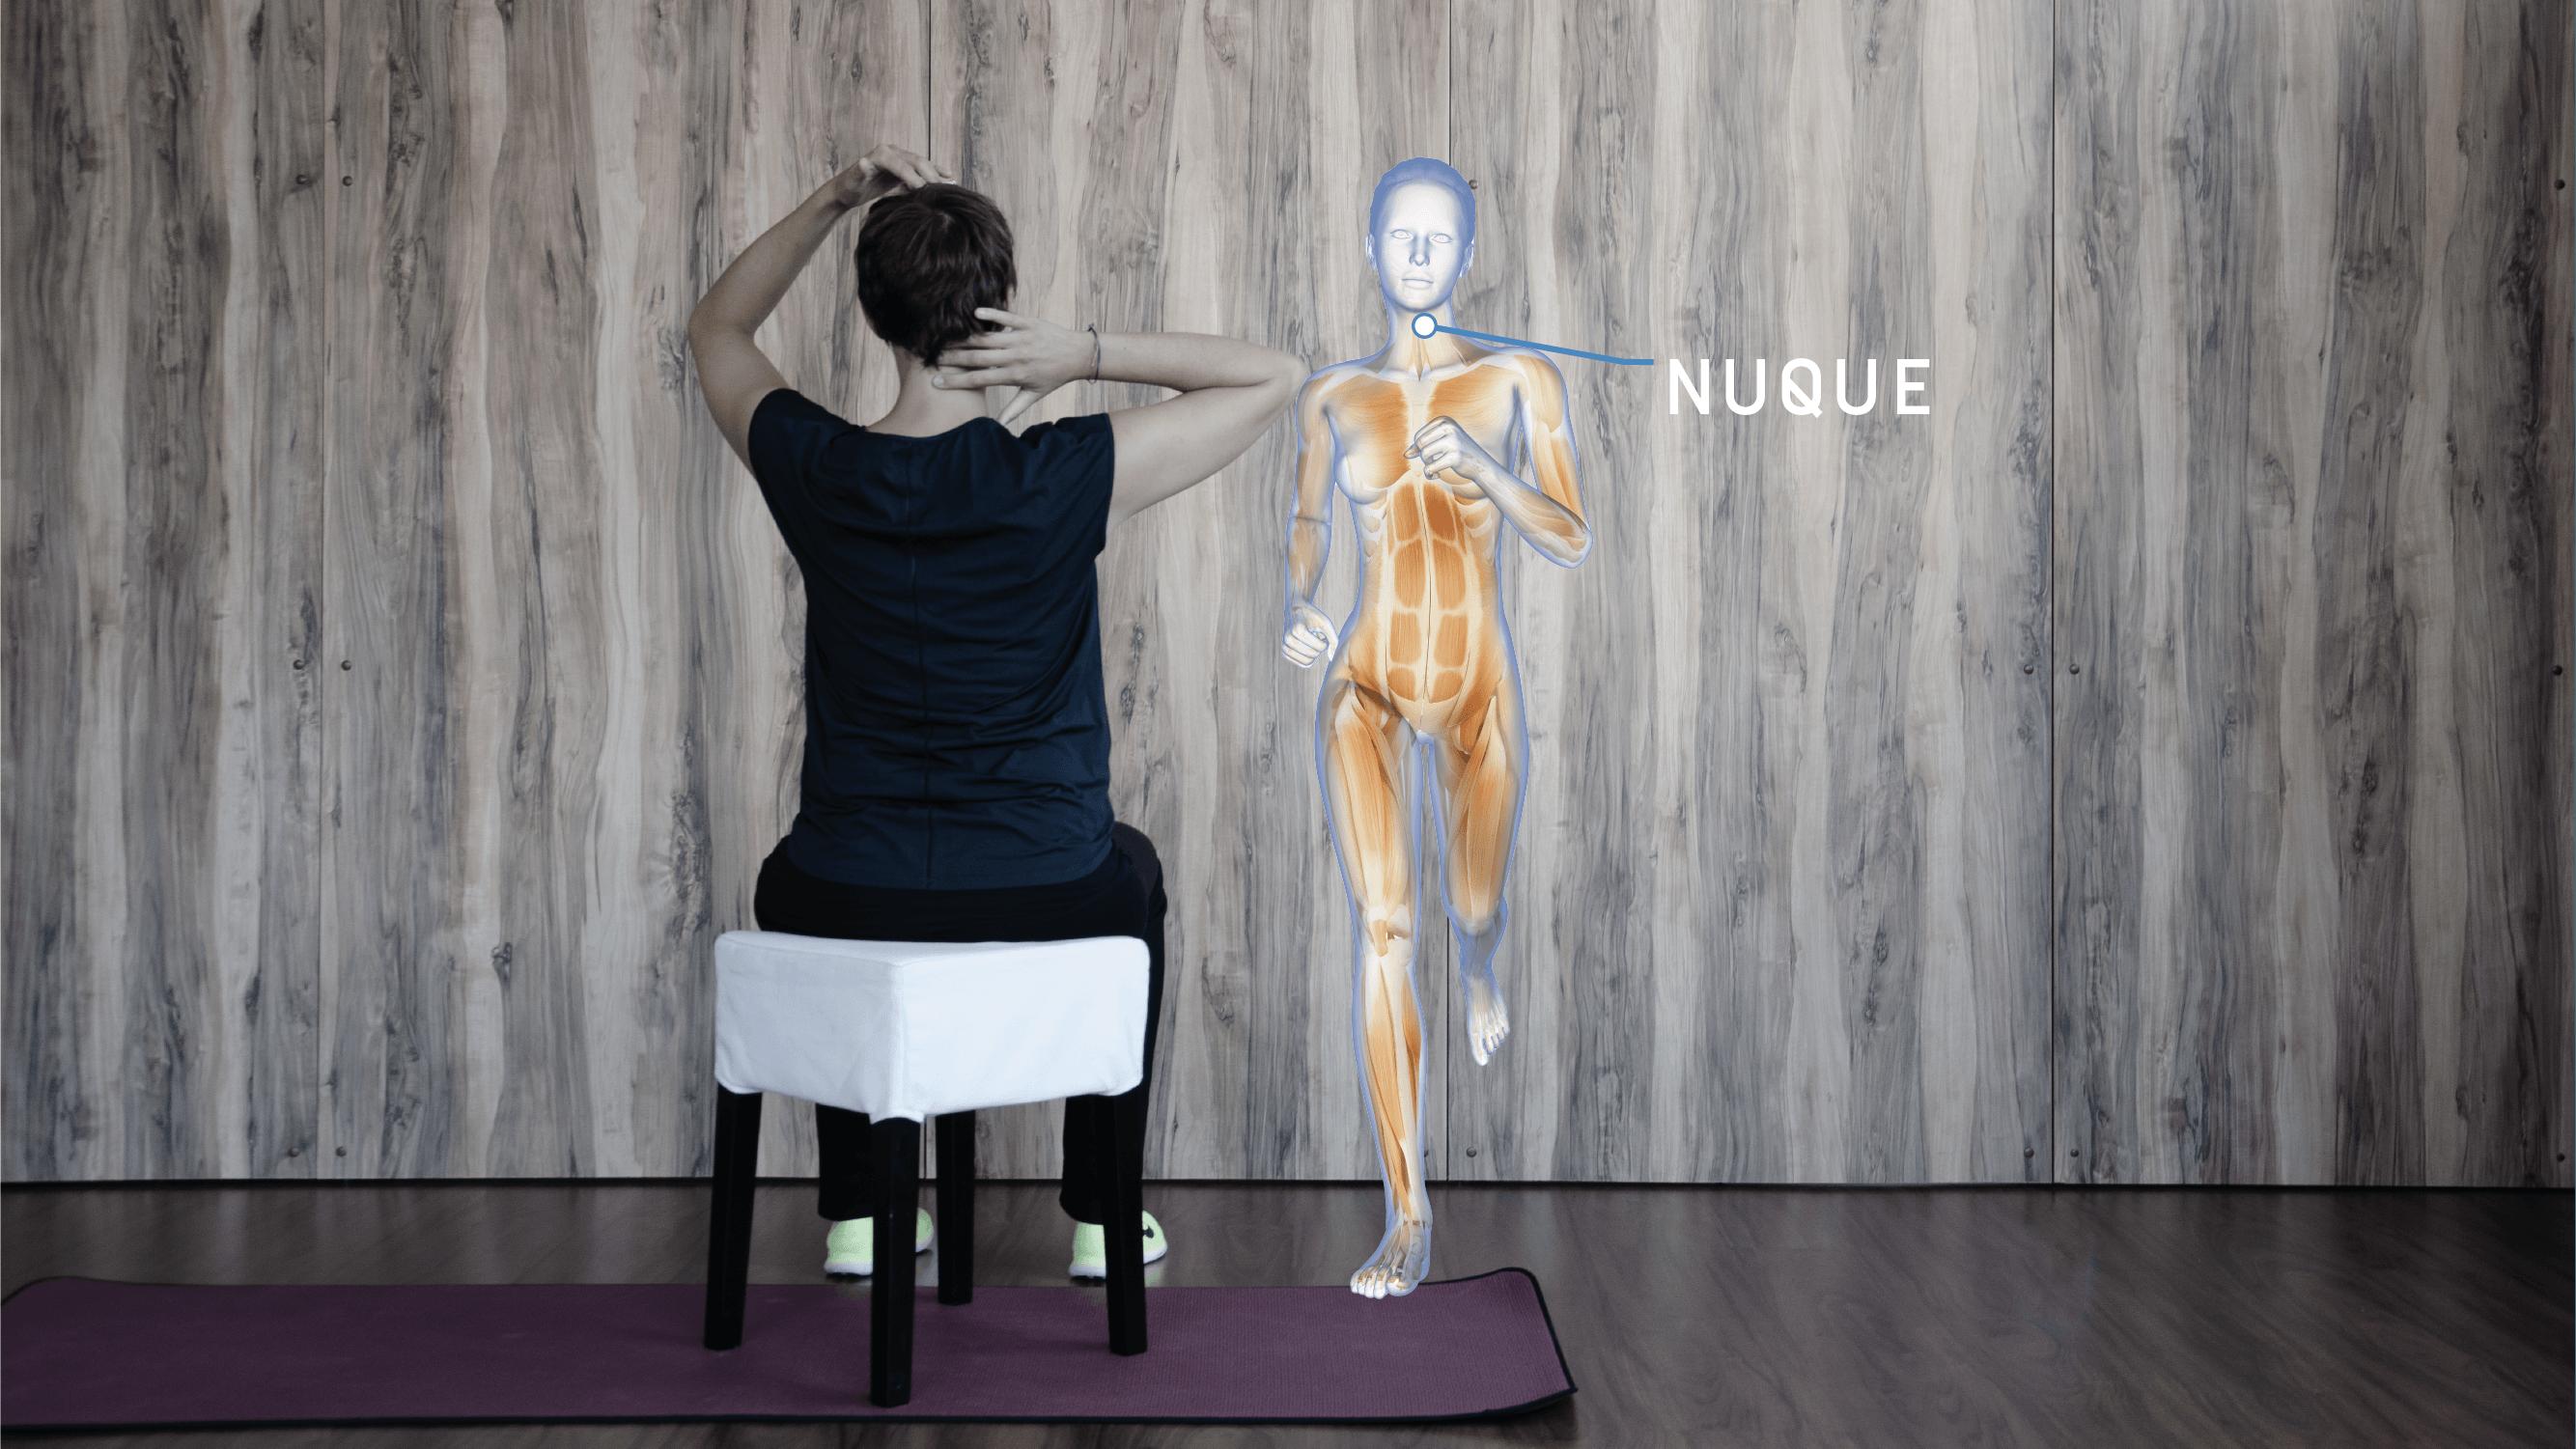 Anatomie Enmouvement - Nuque